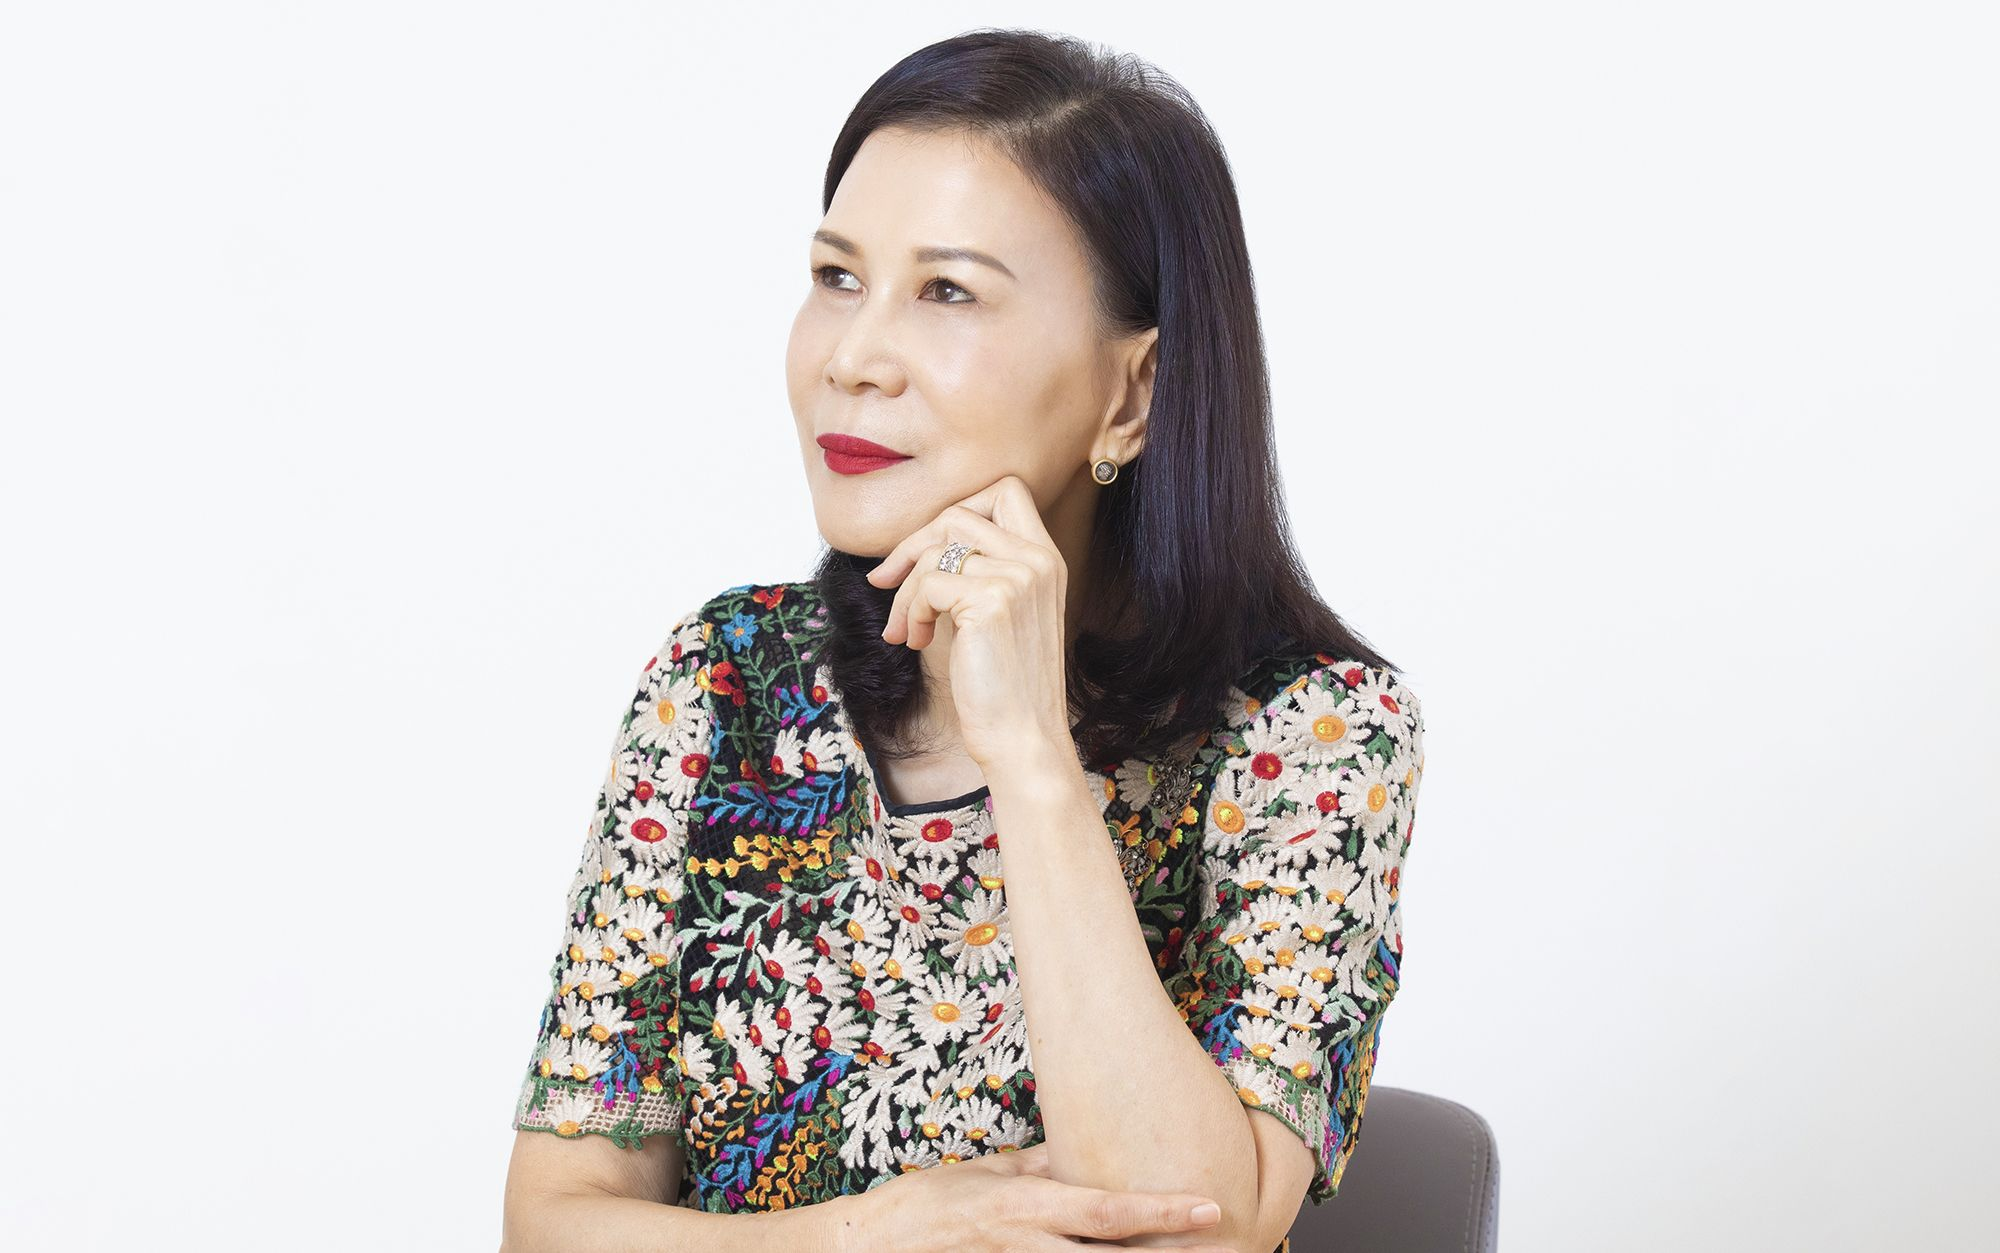 用30年來磨一把劍,邦瀚斯大中華區董事長胡瑞 從高端零售品牌到拍賣行的經營心法